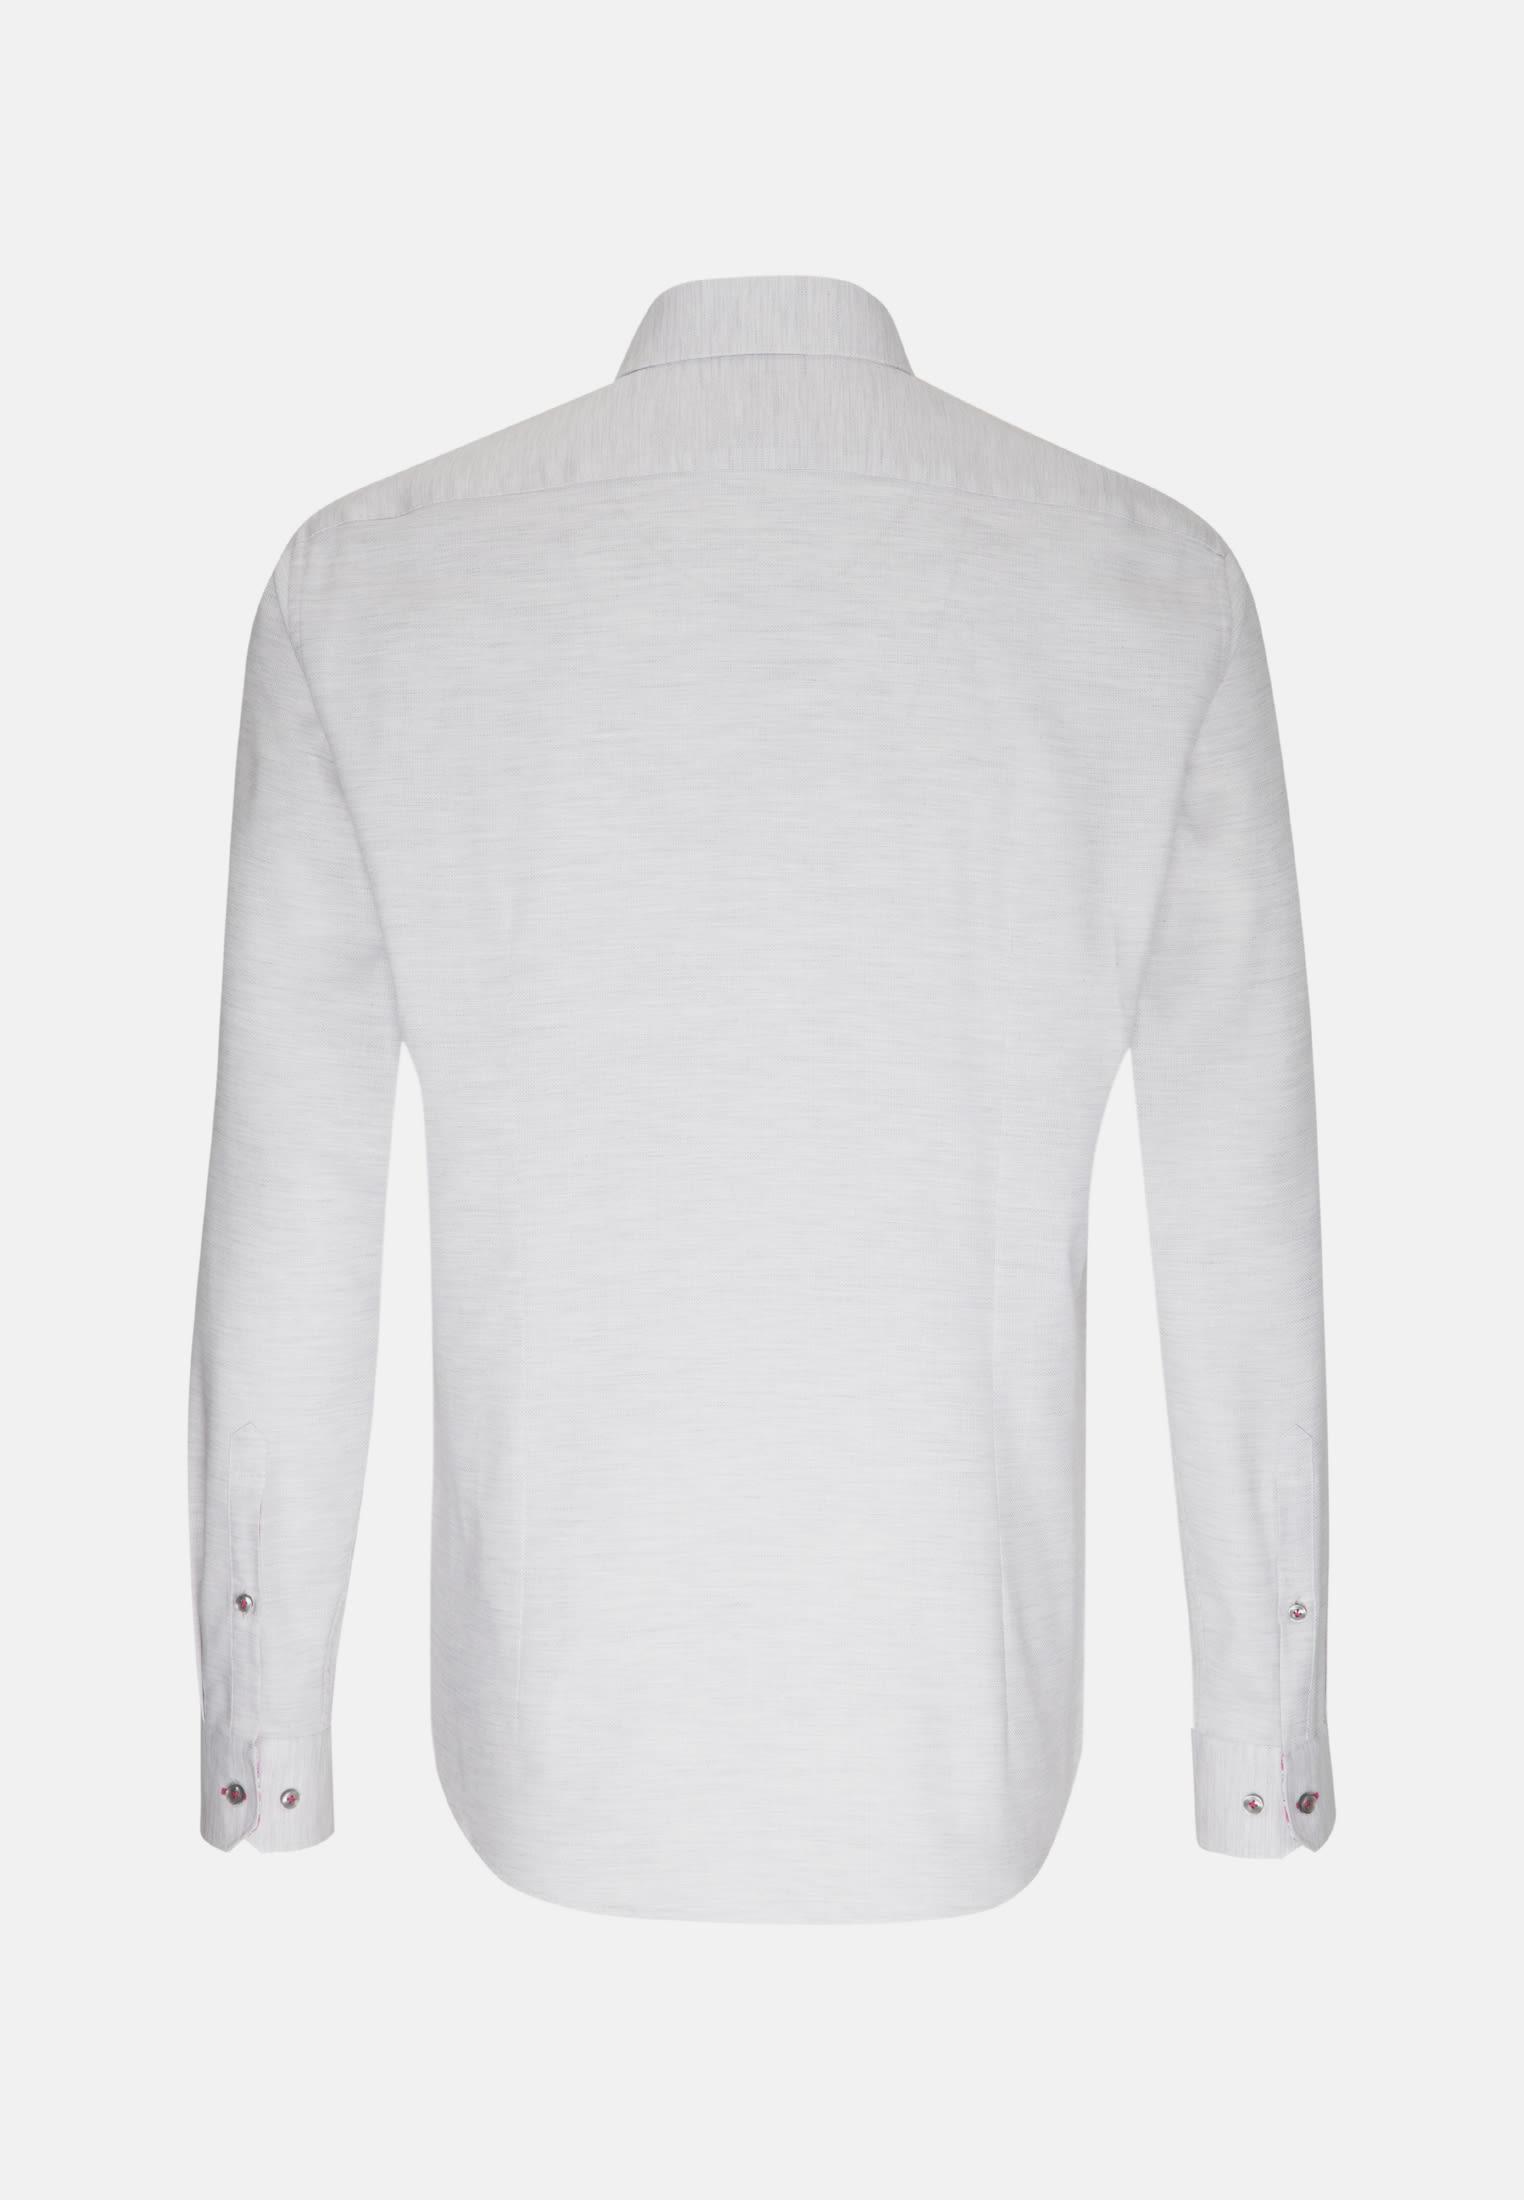 Struktur Smart Casual Hemd in Slim Fit mit Kentkragen in Grau    Jacques Britt Onlineshop